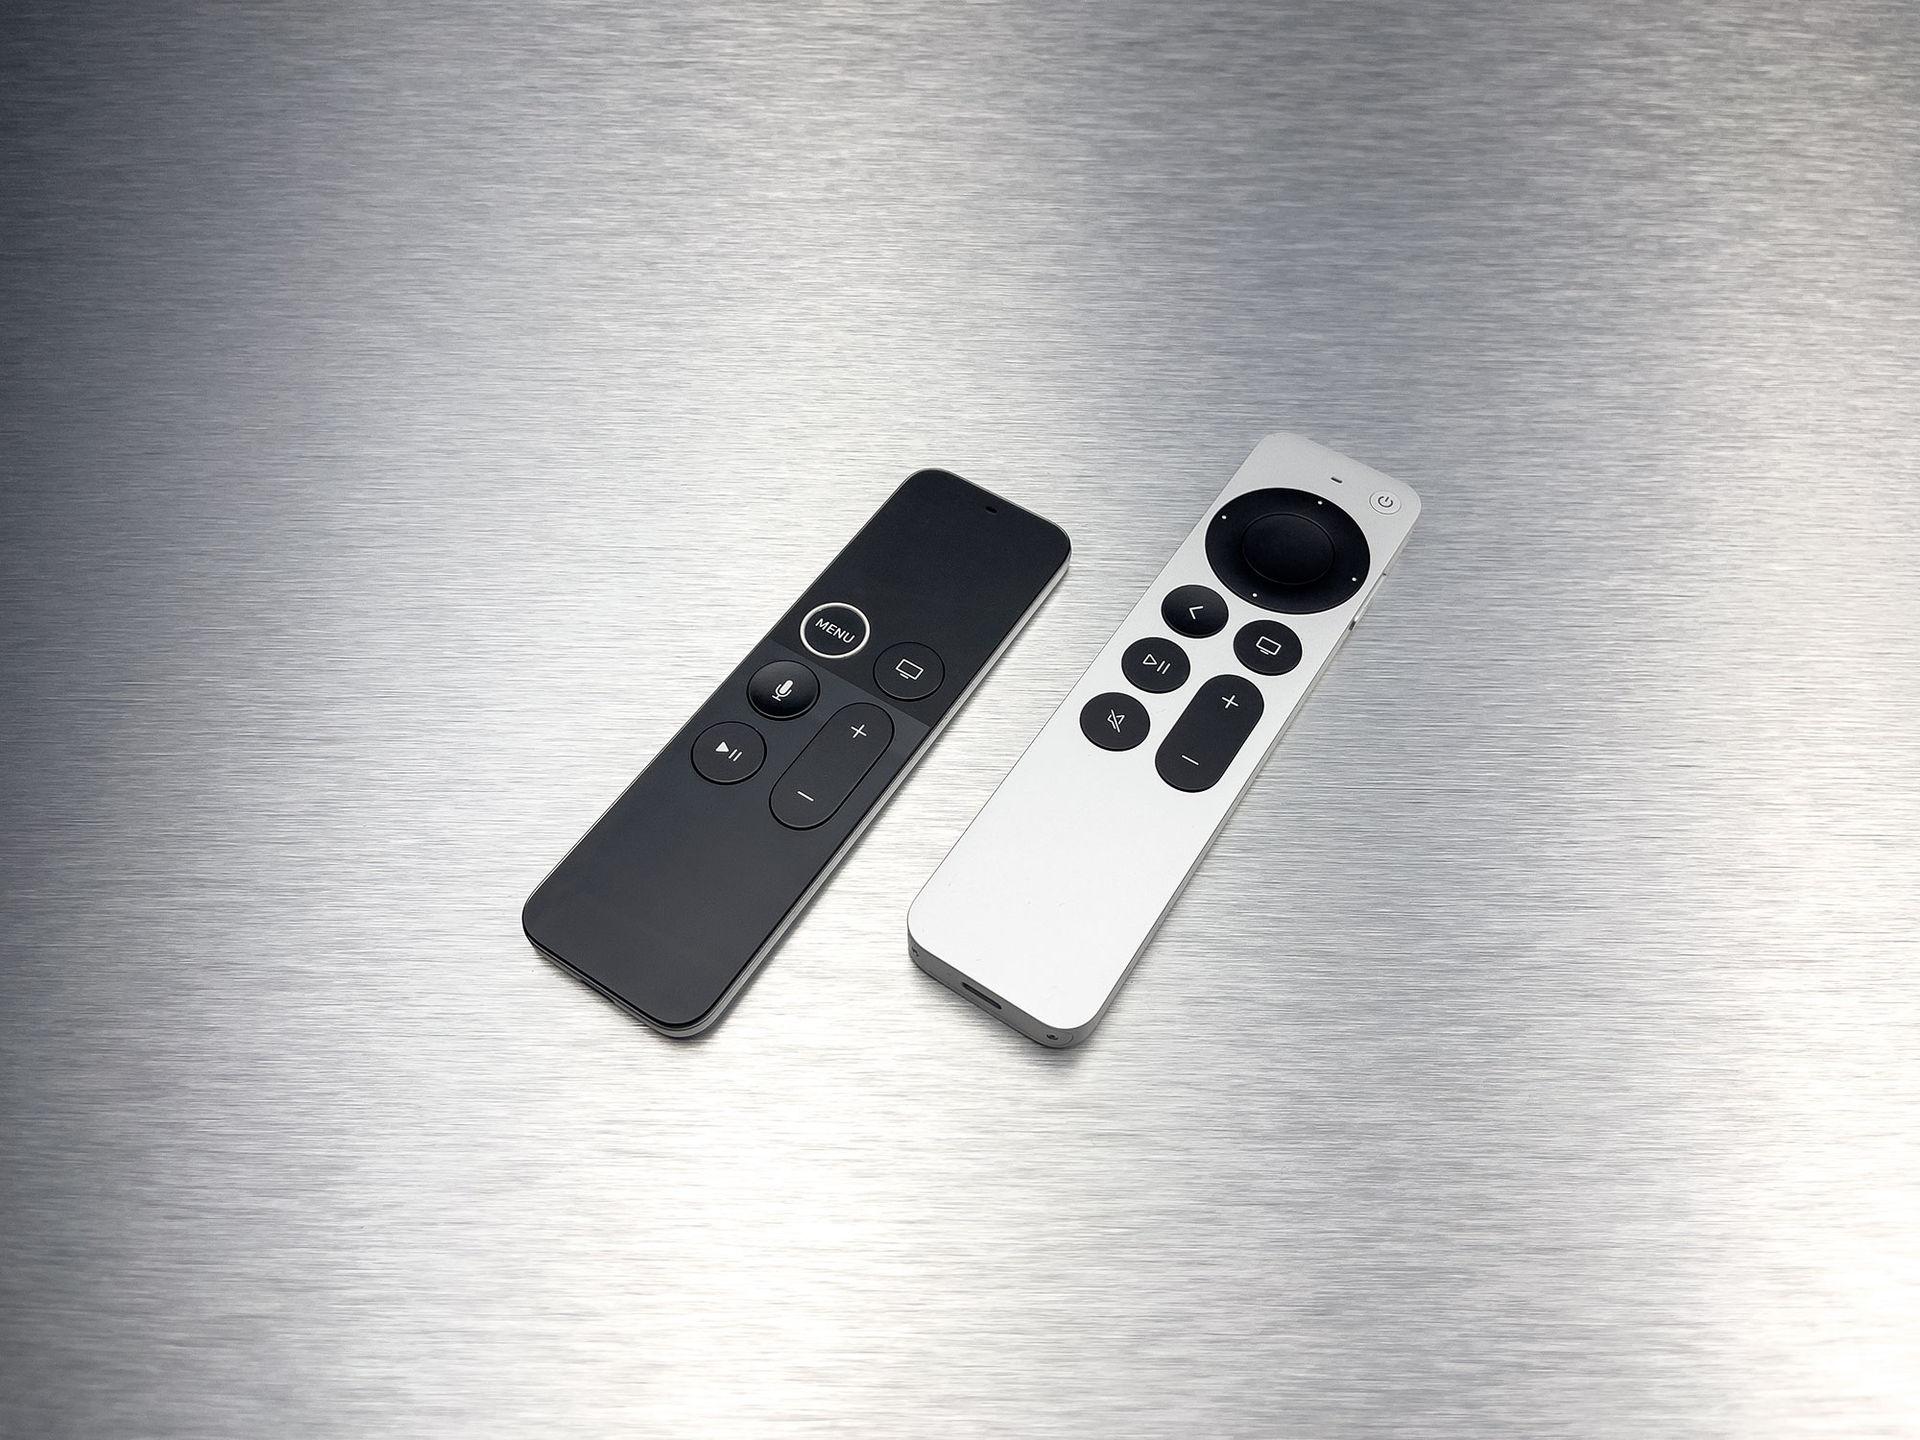 Vi har testat nya Apple TV 4K